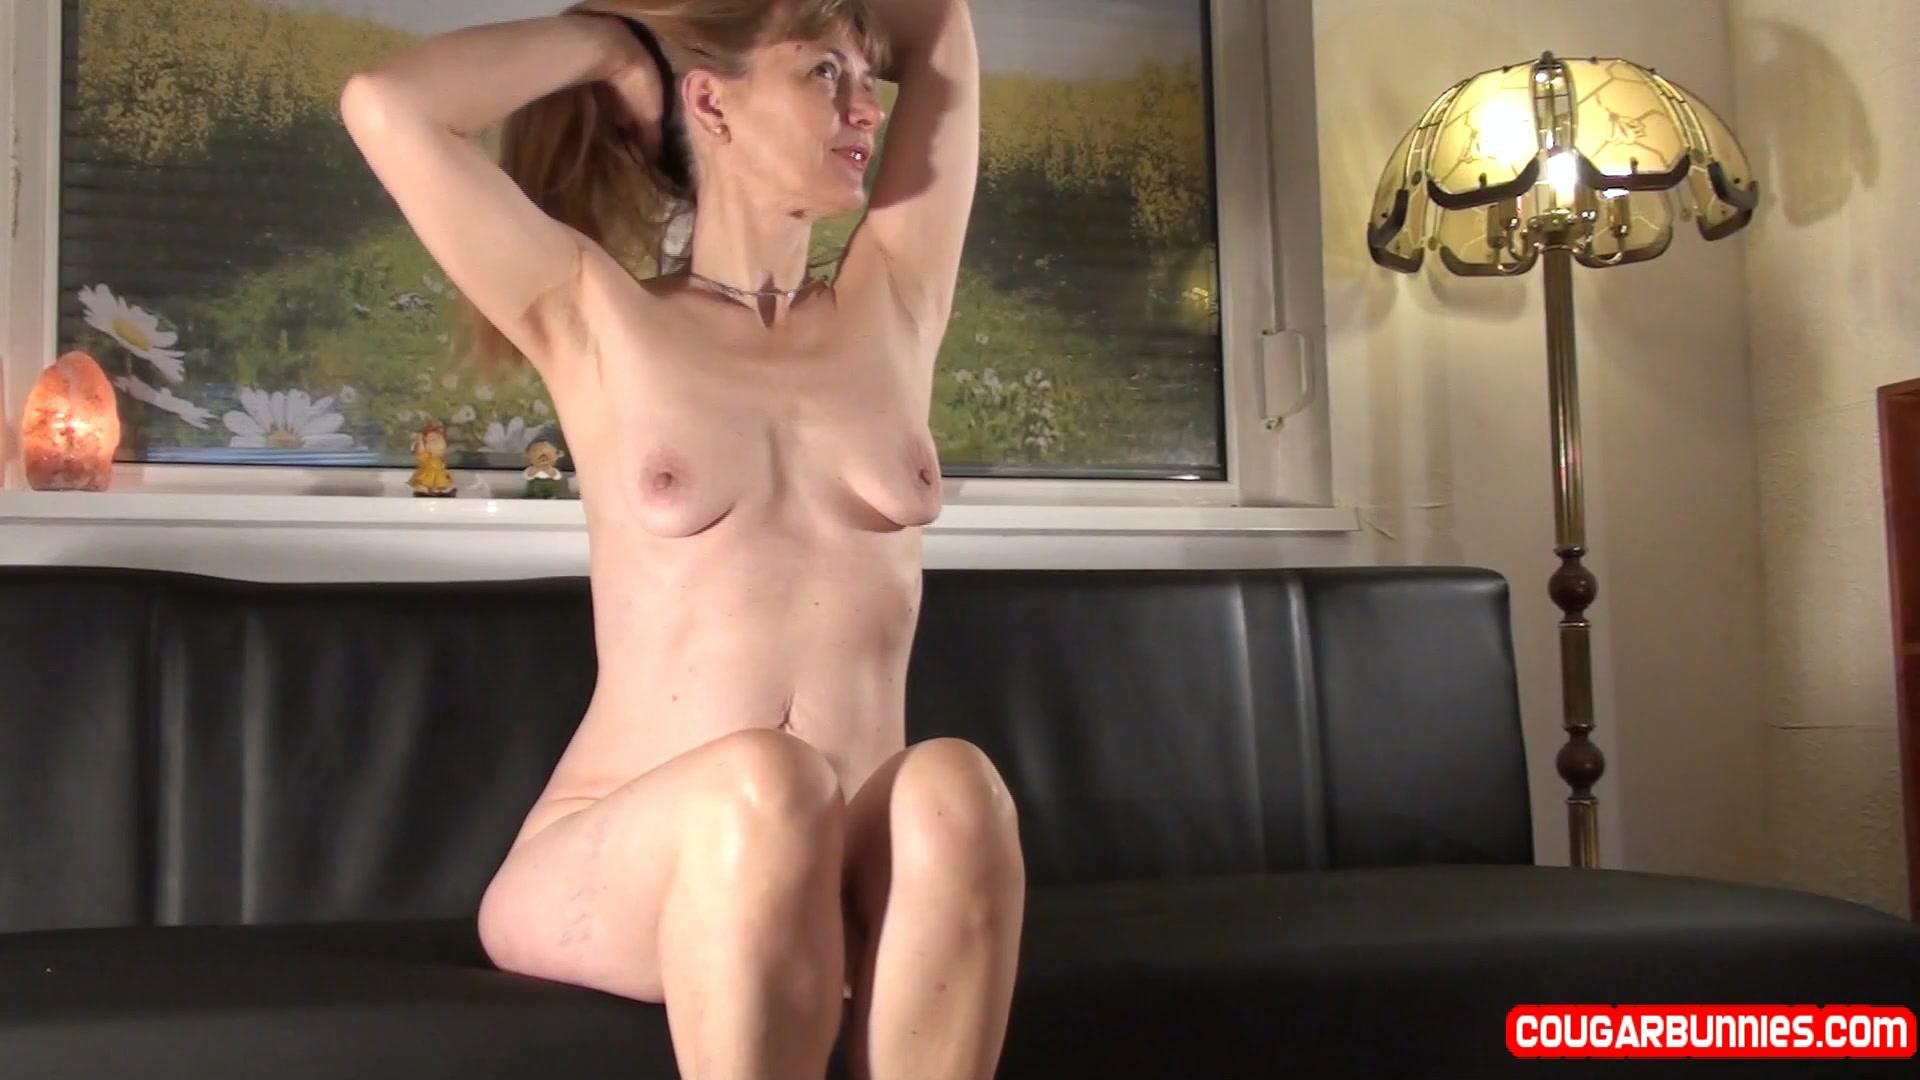 Granny porn site r